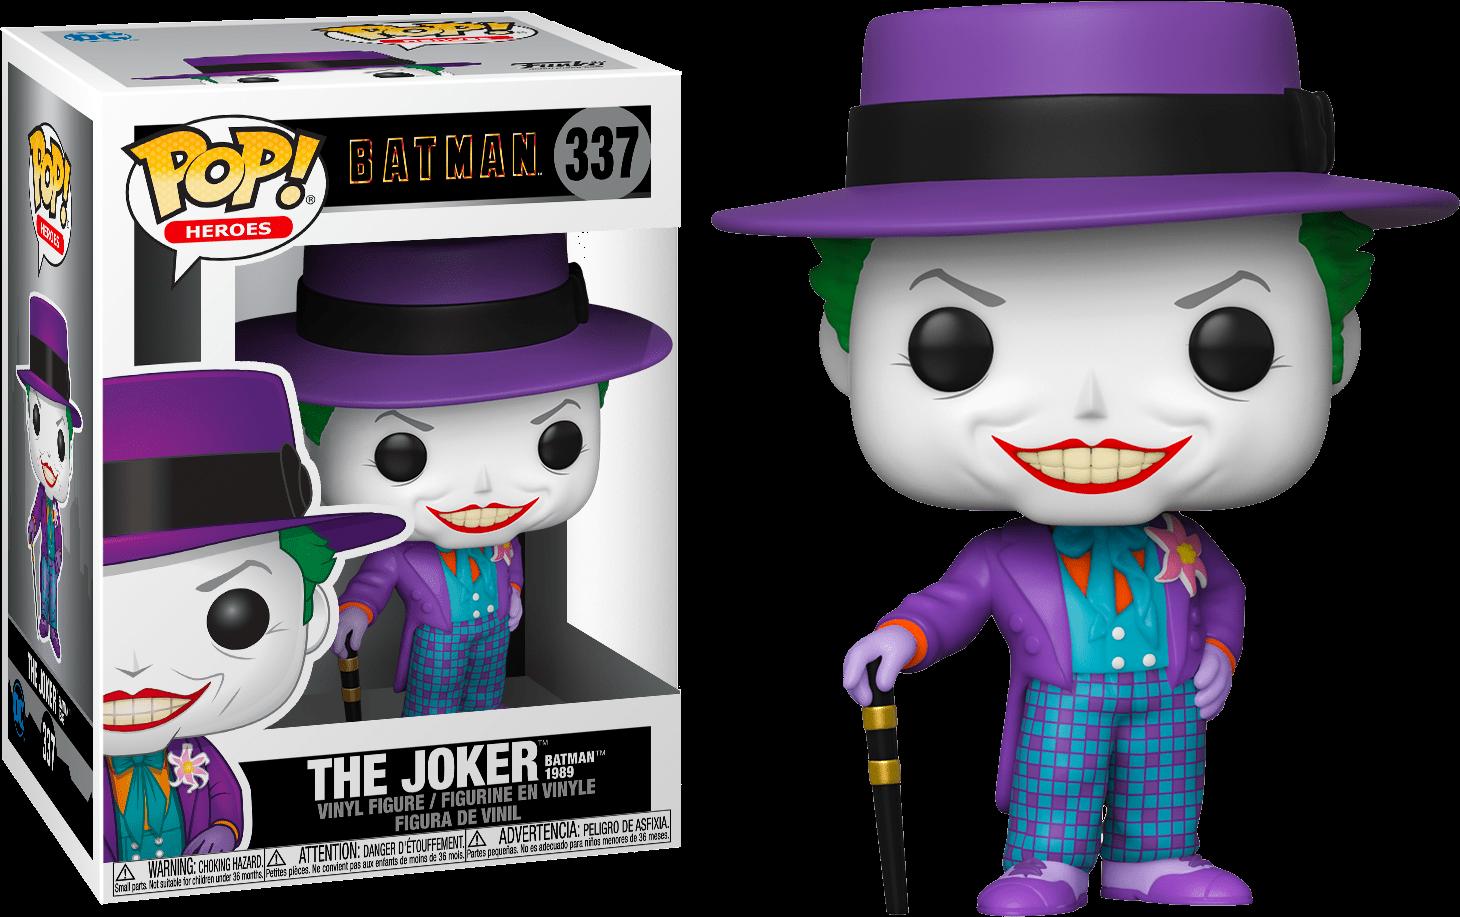 Batman (1989) - The Joker with Hat Pop! Vinyl Figure